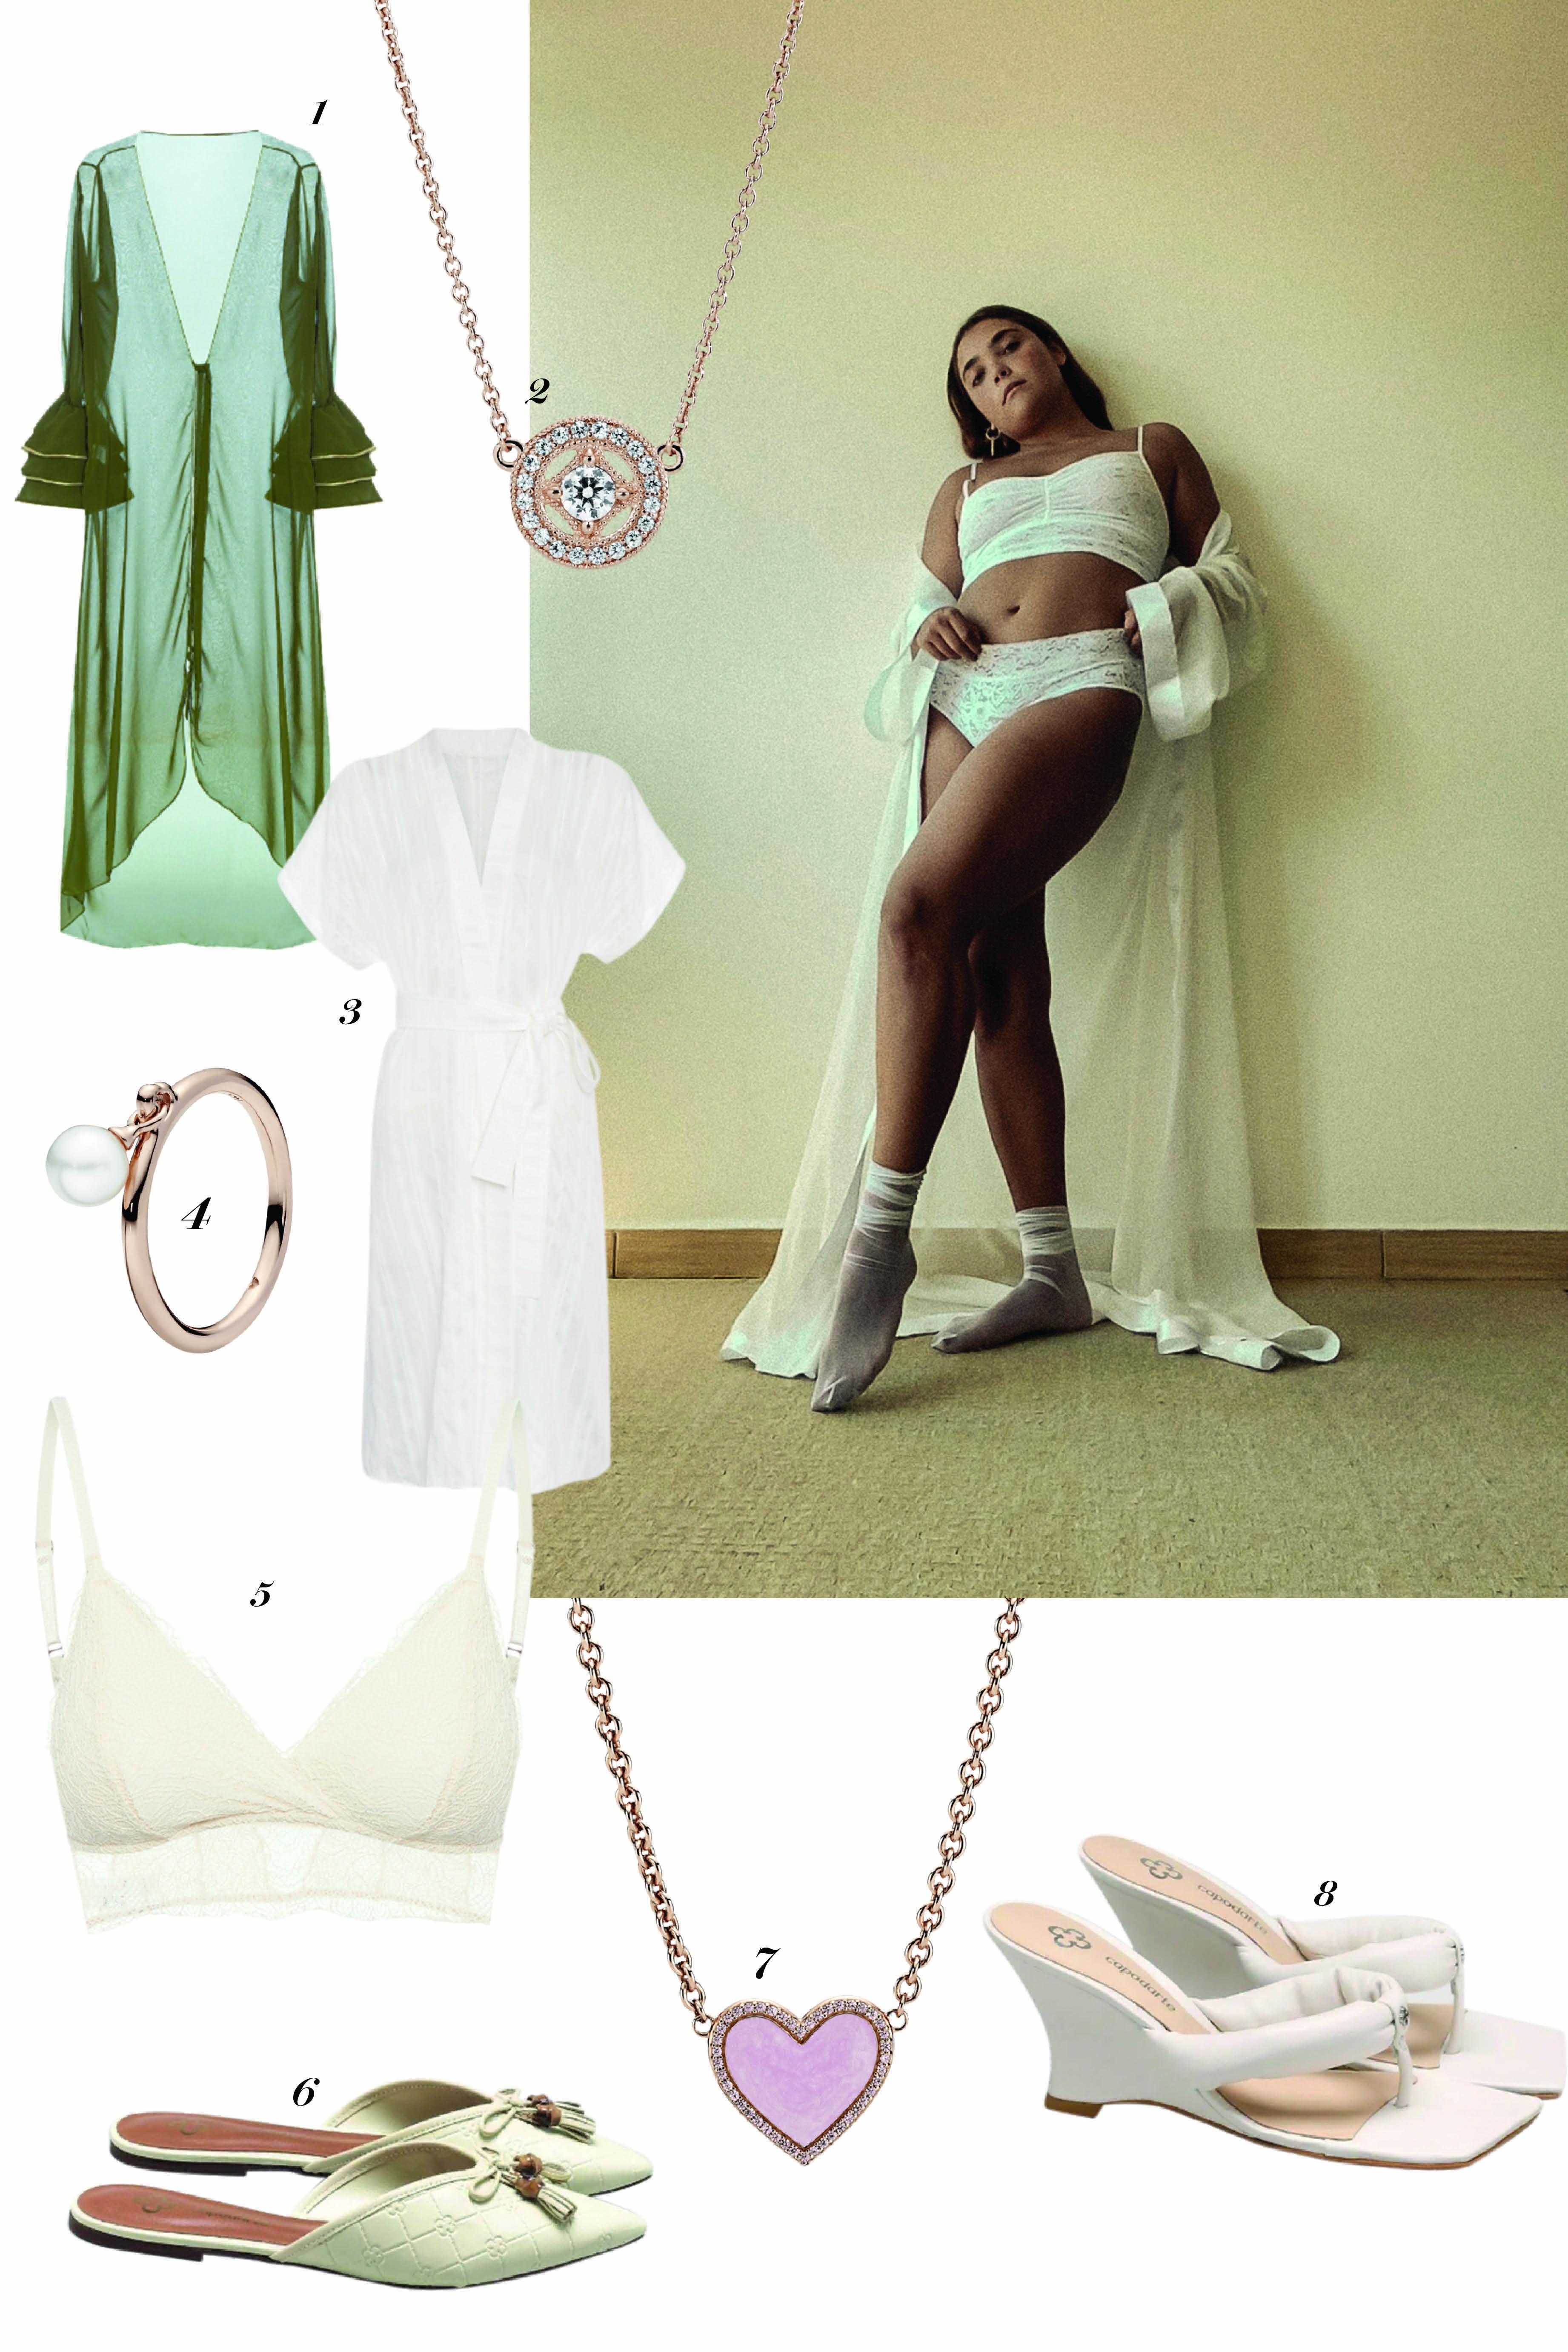 Fotos de peças de roupa e acessórios para copiar o look da modelo